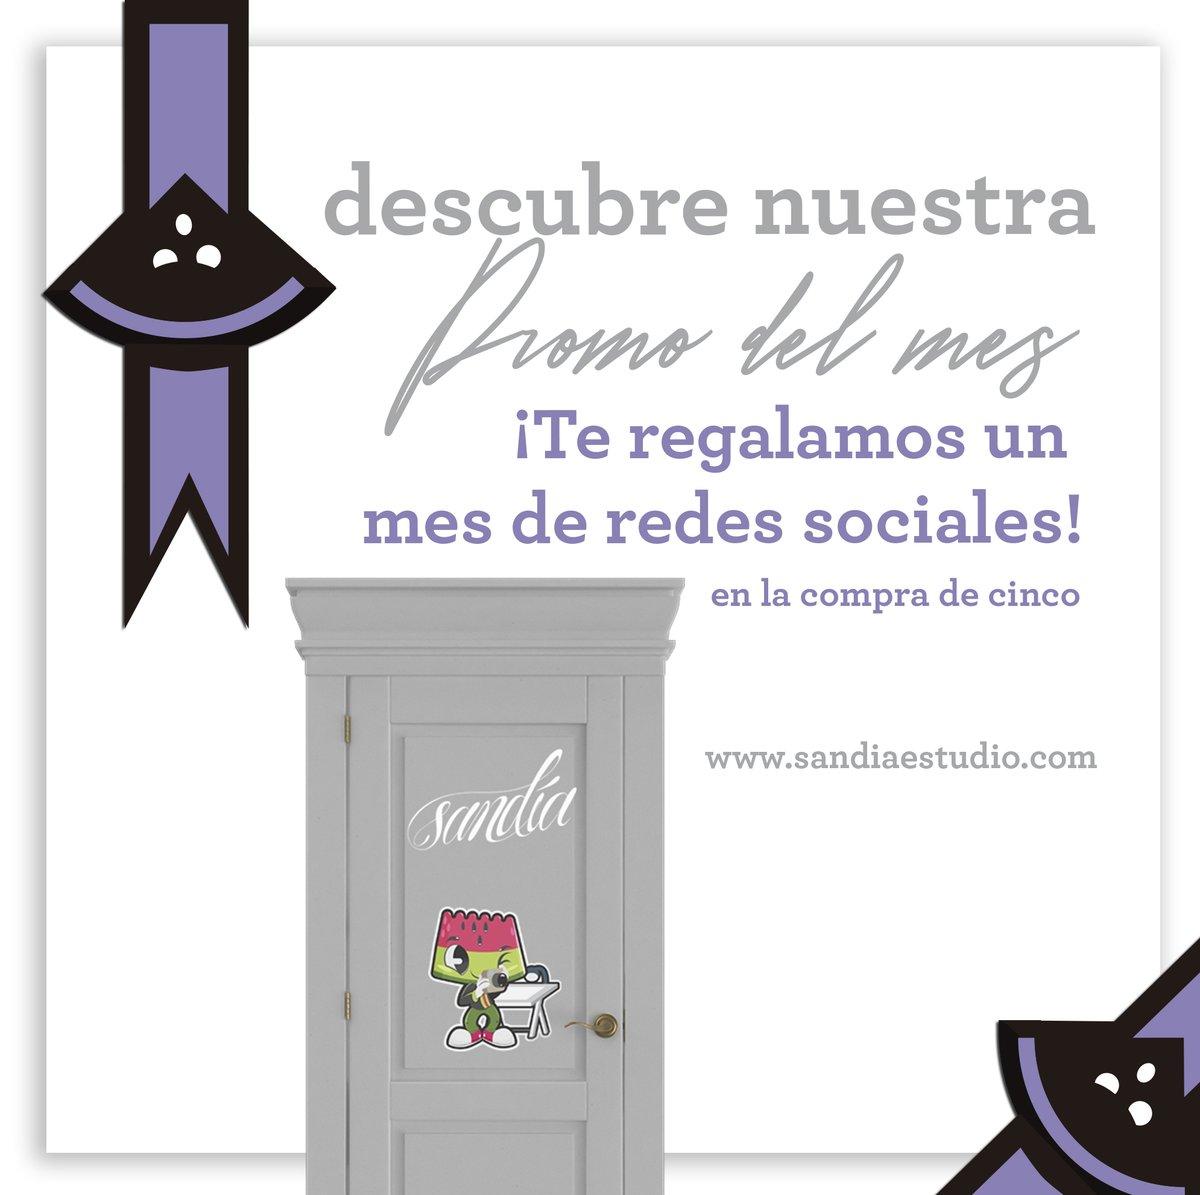 ¡Te regalamos un mes de redes sociales!  *En la compra de 5 meses de redes, ¡te regalamos el sexto! #ManejoDeRedes #2020 #Emprendedores  ☎ 55 8435 4093 https://t.co/I7Rj5HIYnU